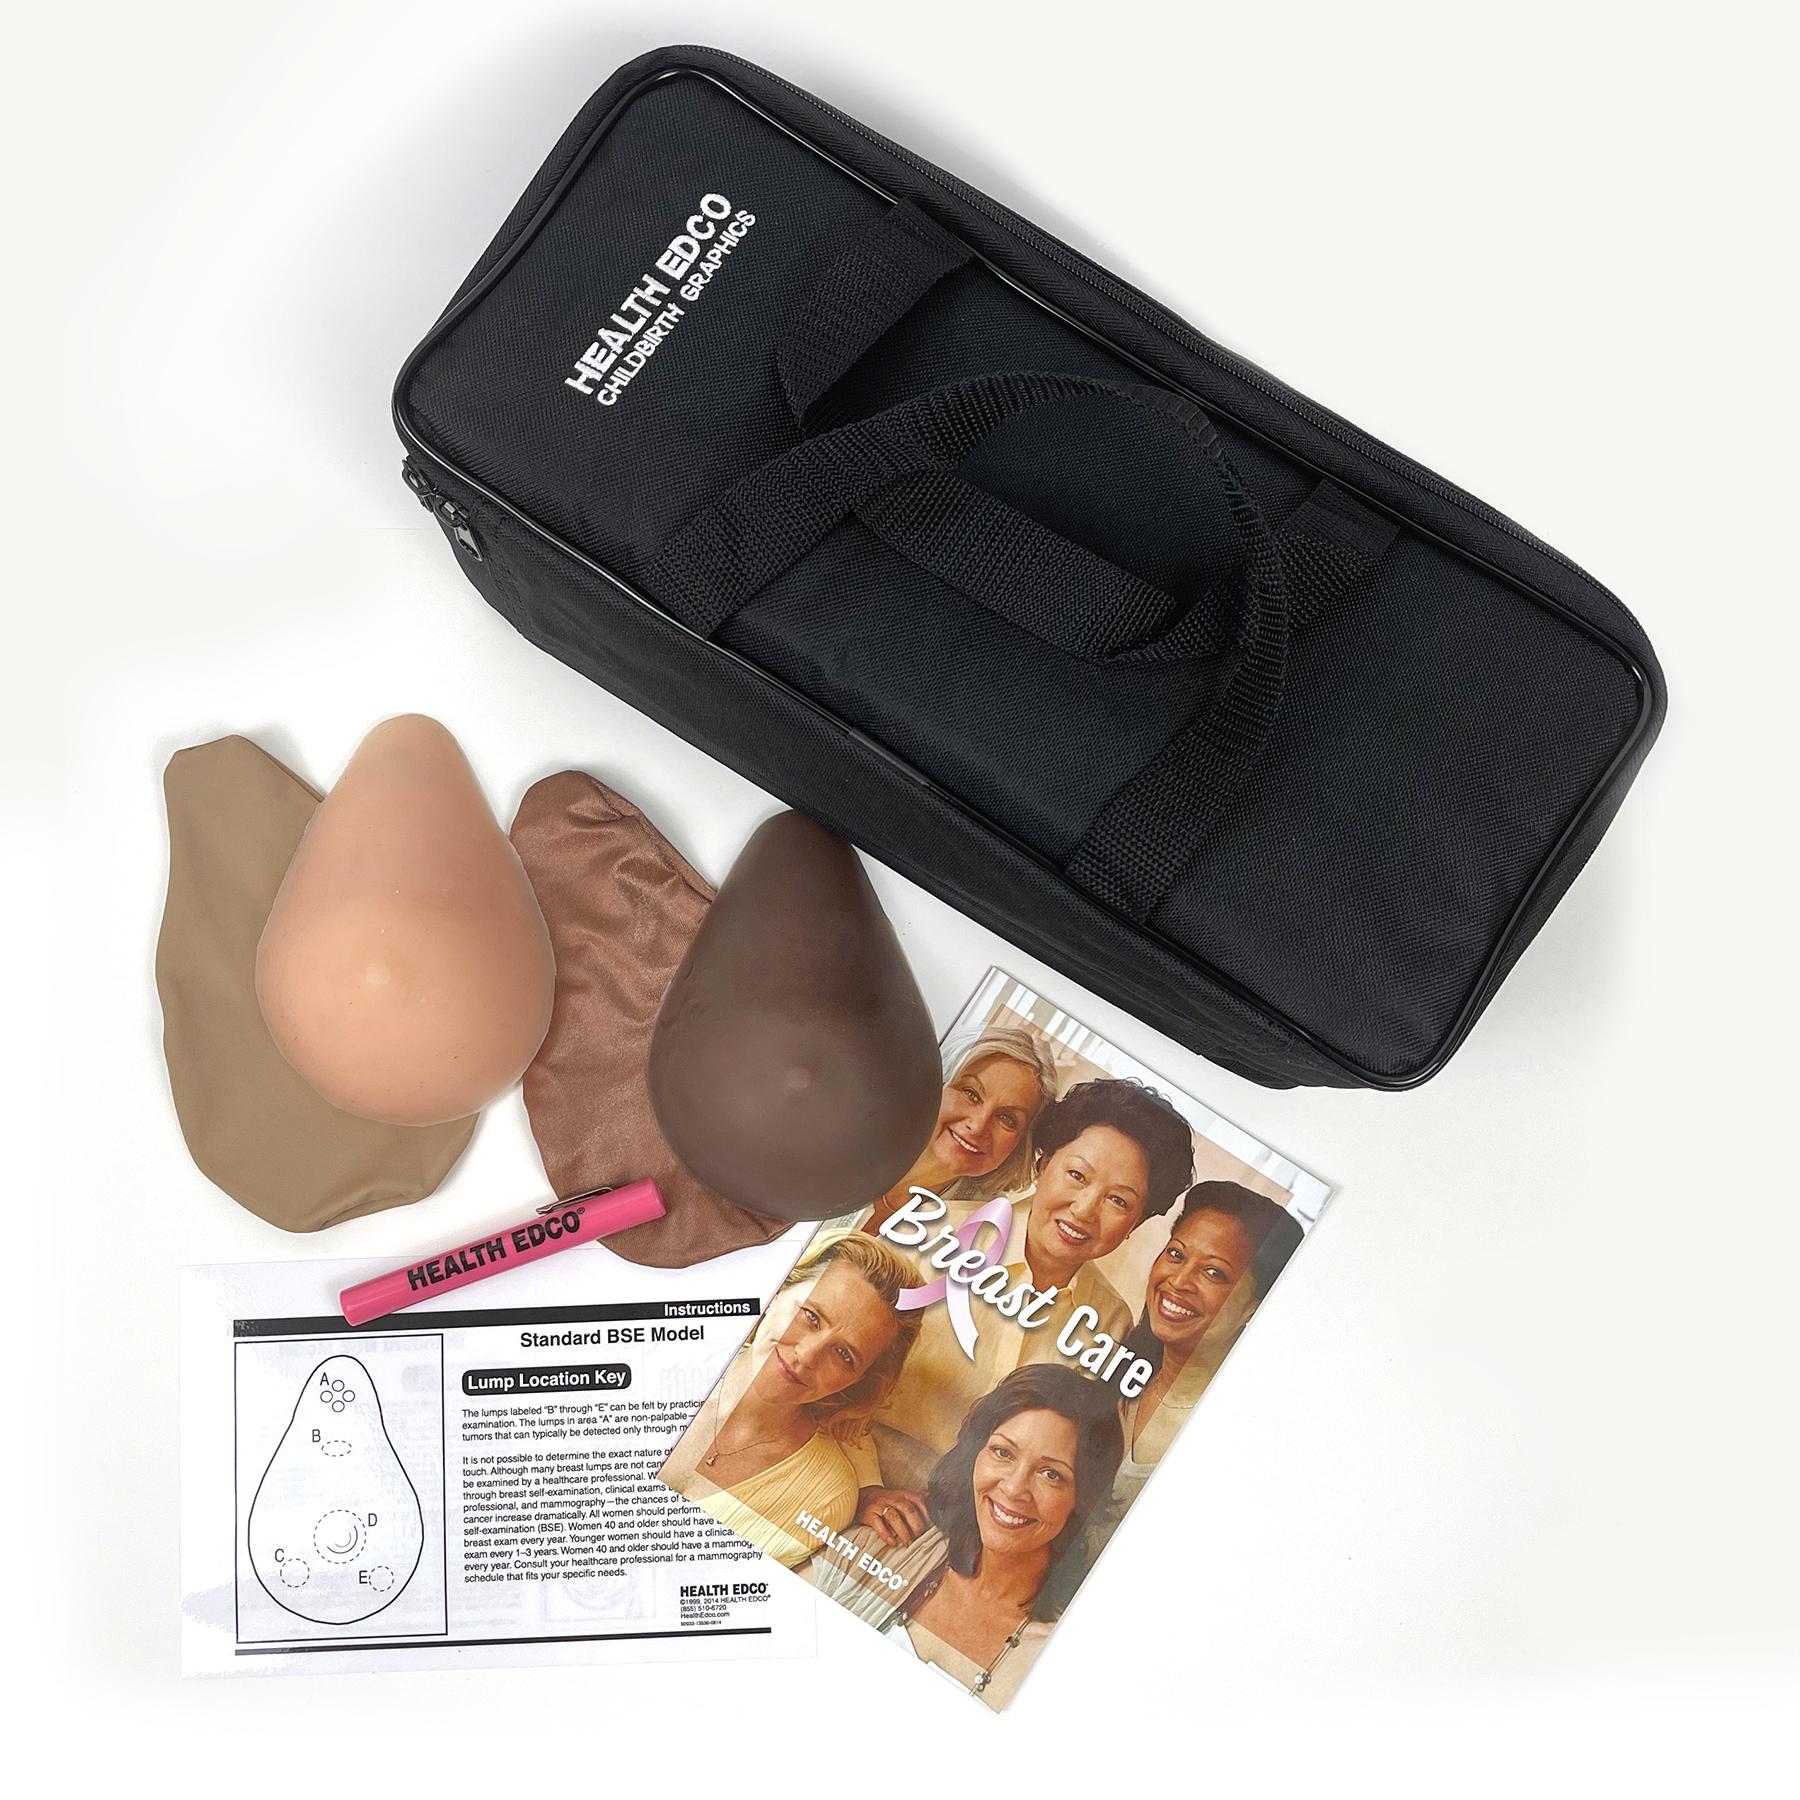 Standard BSE Model Kit for women's